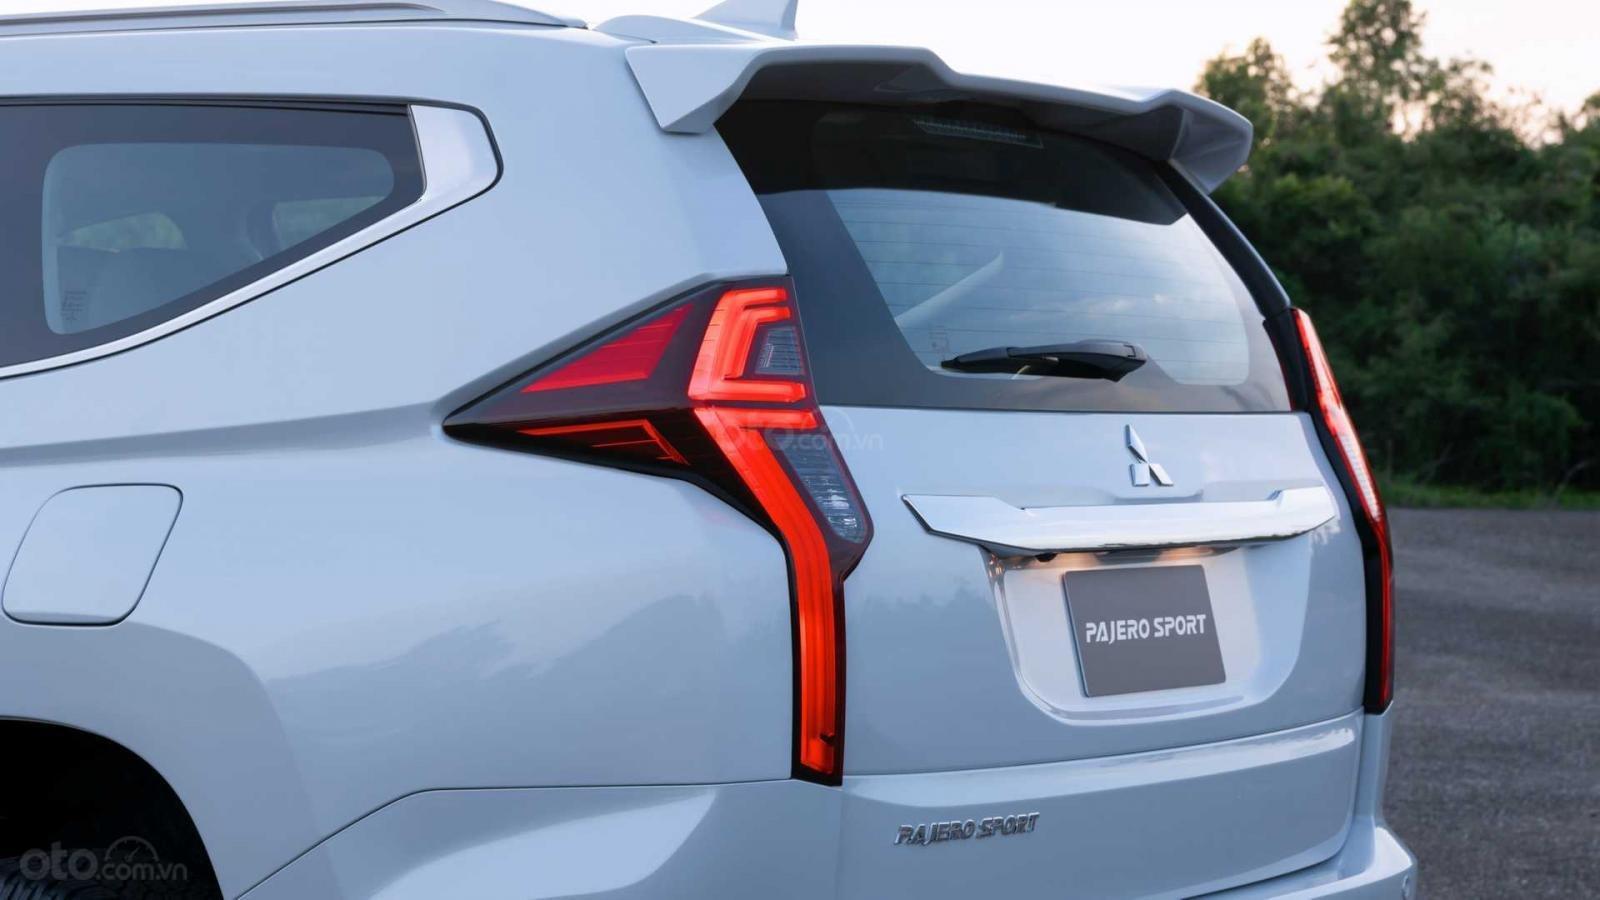 Nhìn nhanh điểm mới của Mitsubishi Pajero Sport 2020 so với bản cũ qua ảnh a13